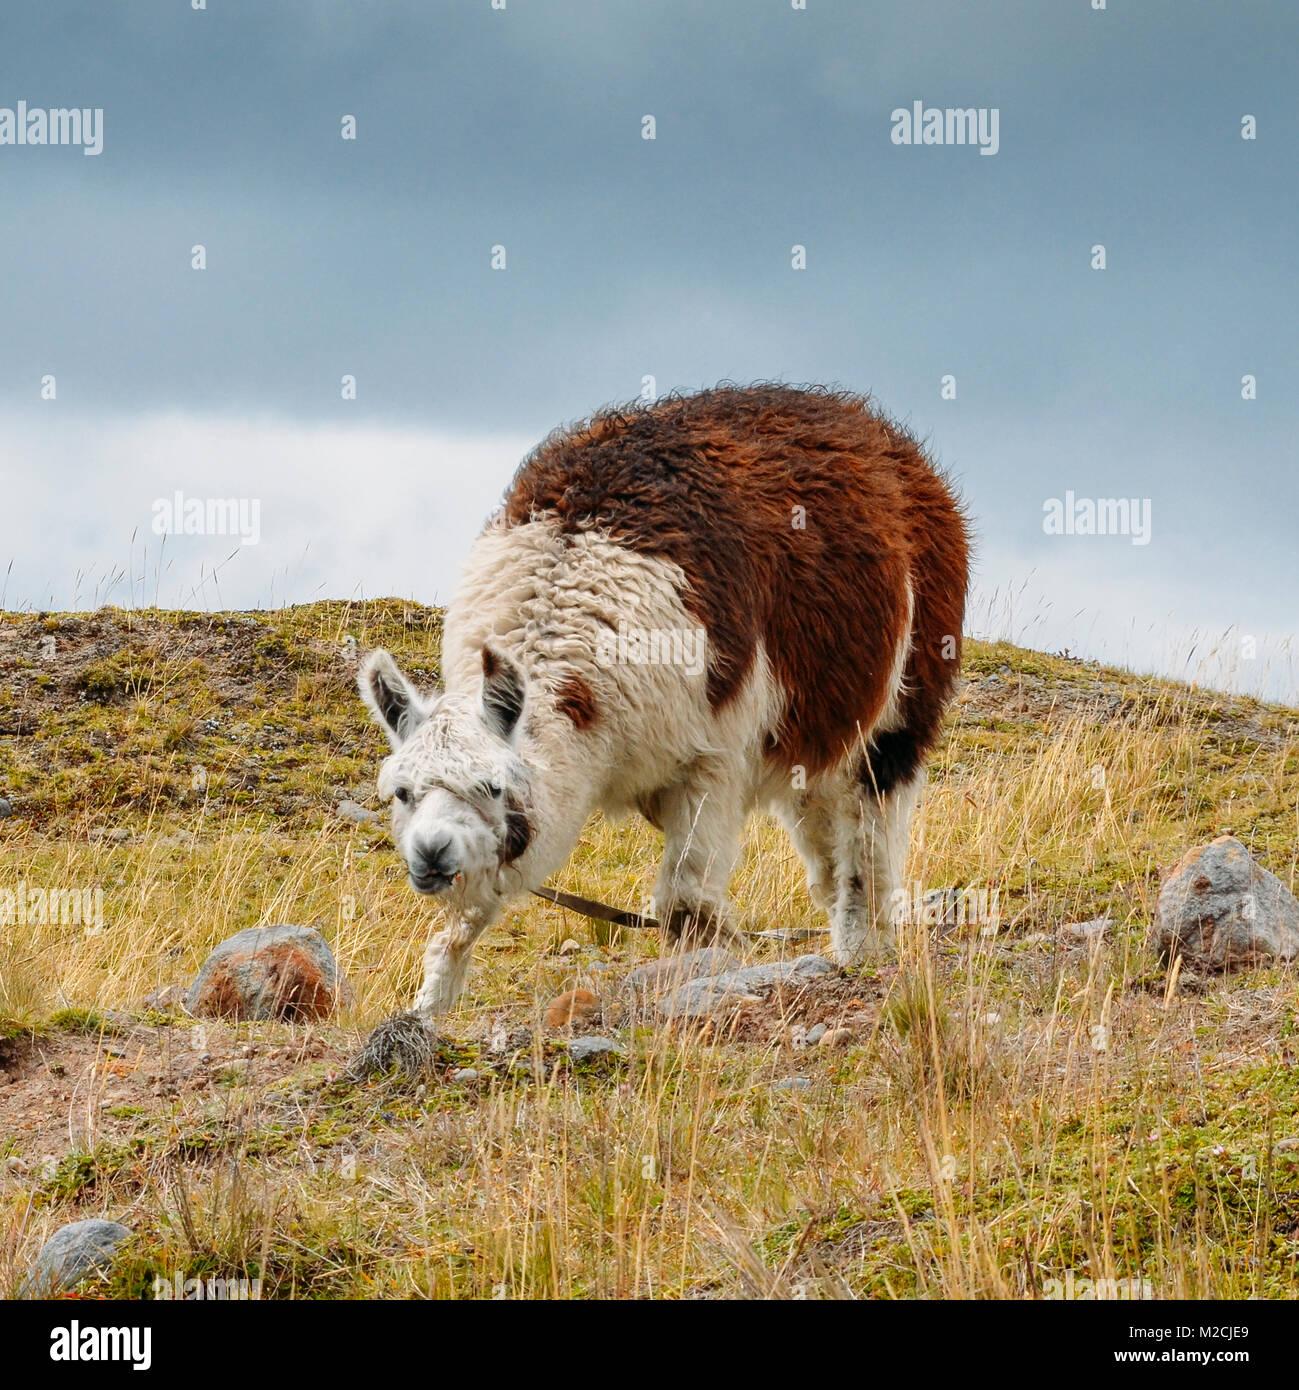 Llama es un camélido sudamericano domesticado, ampliamente utilizados como carne y pack animal por culturas Imagen De Stock